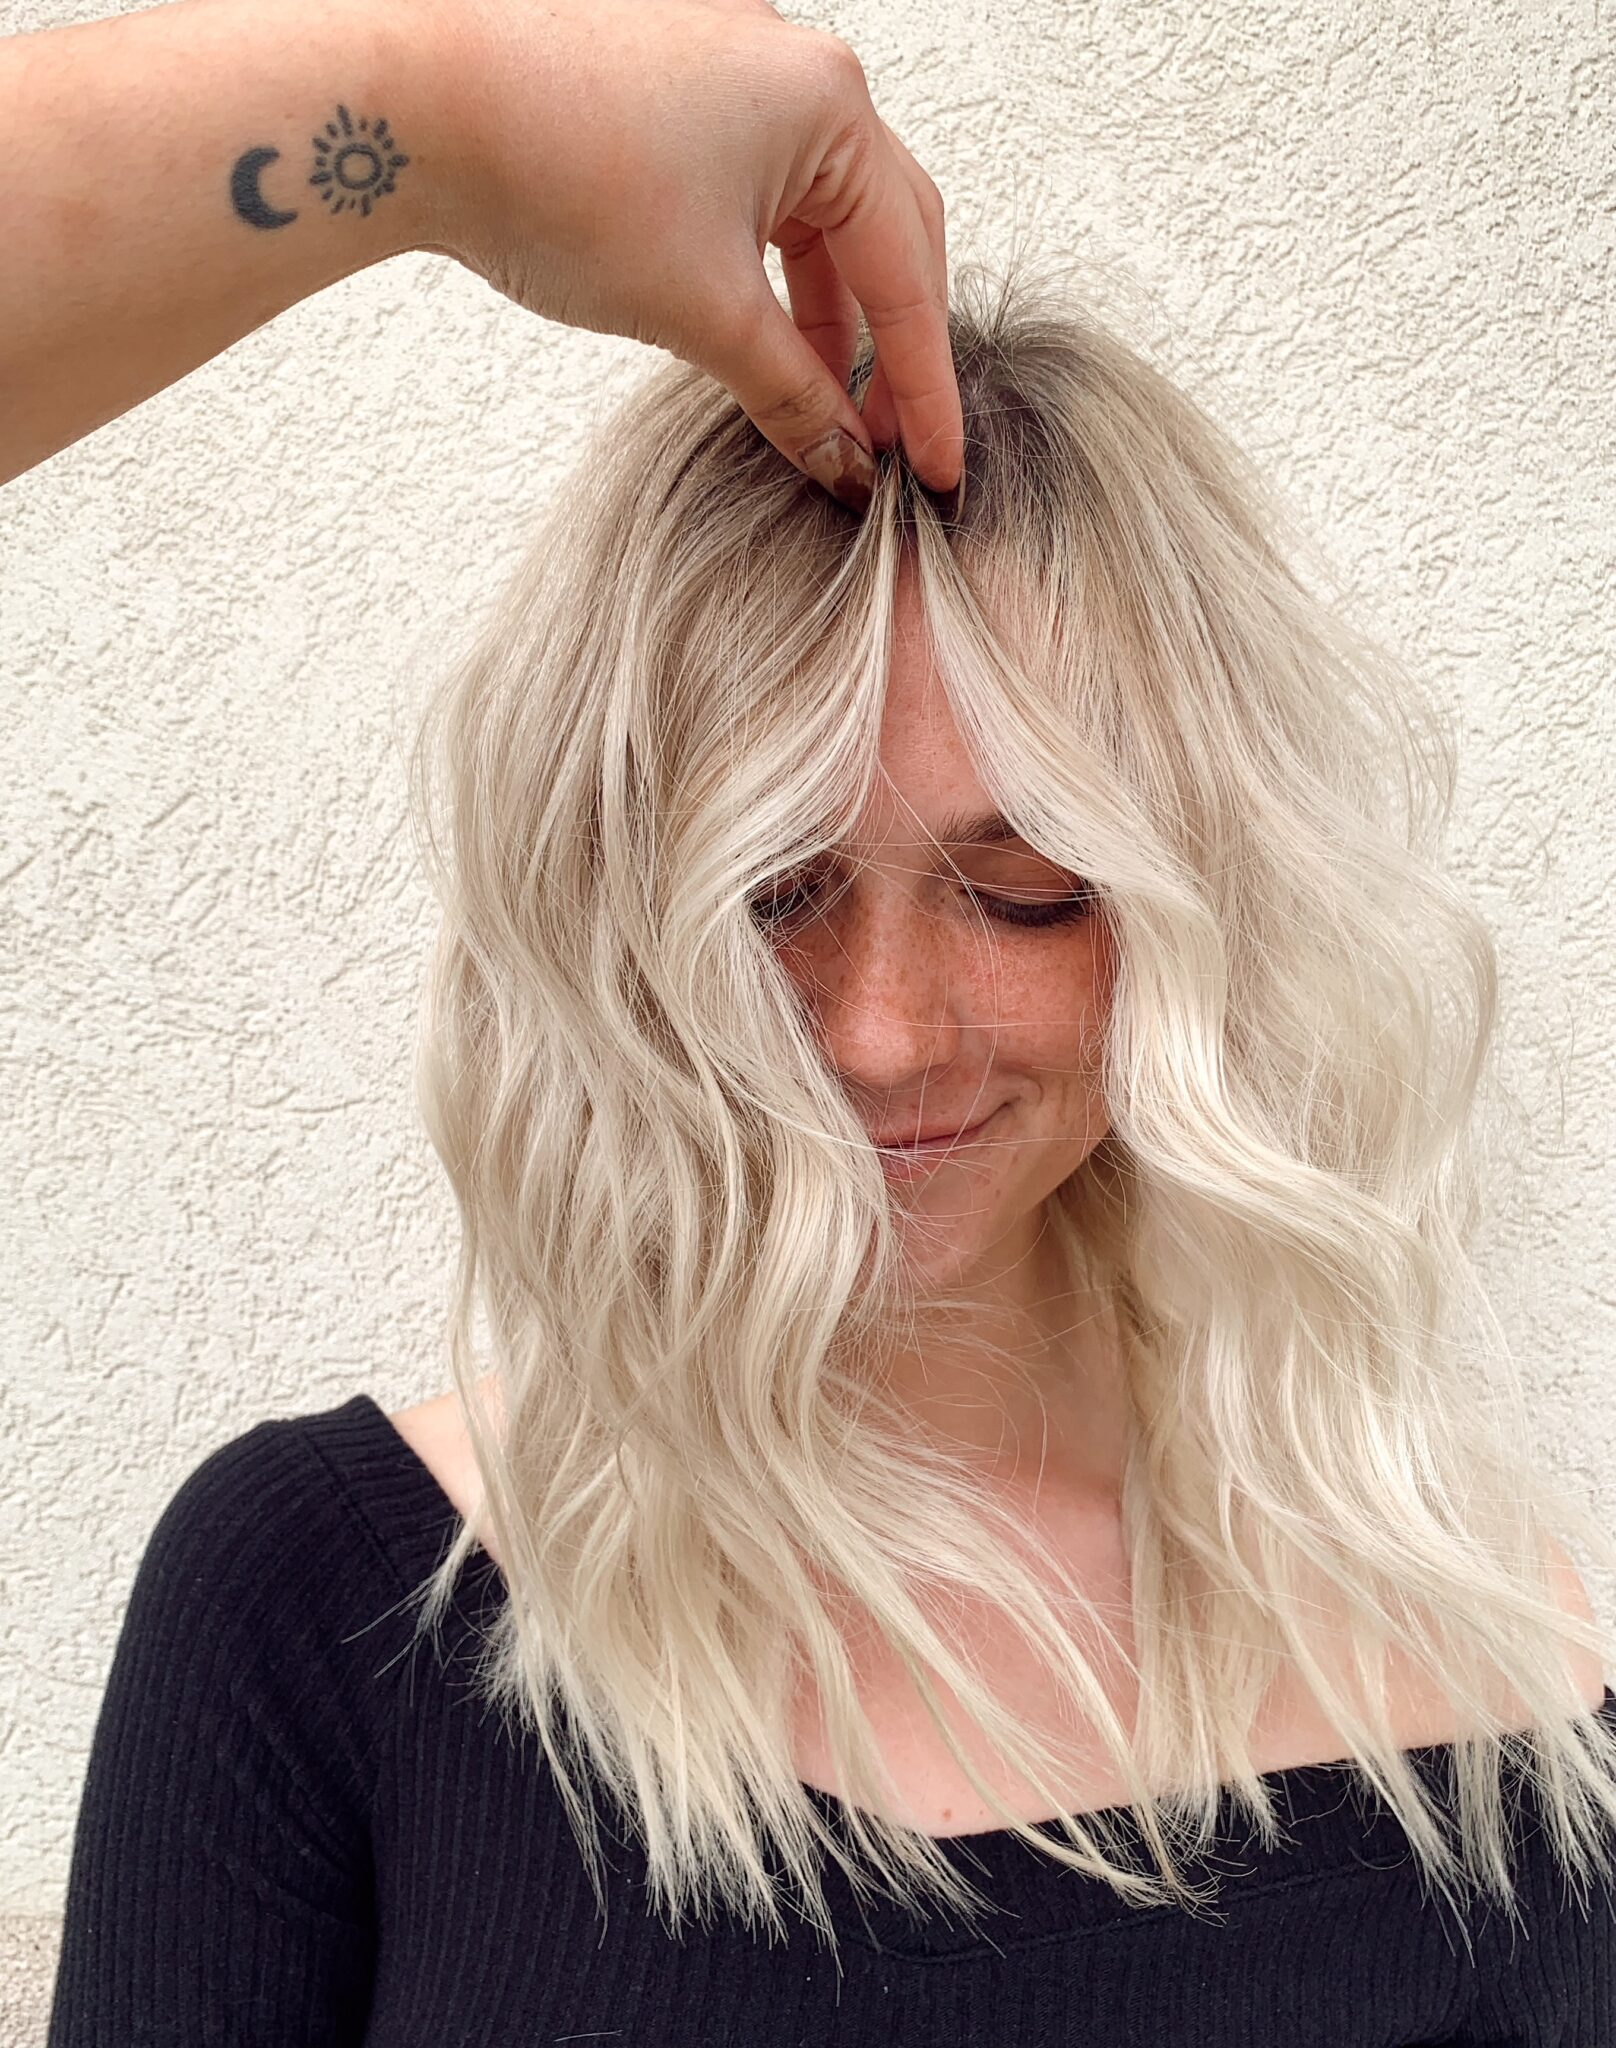 Siga estos consejos rápidos para encontrar el estilista adecuado para su hermosa melena.  www.twistmepretty.com